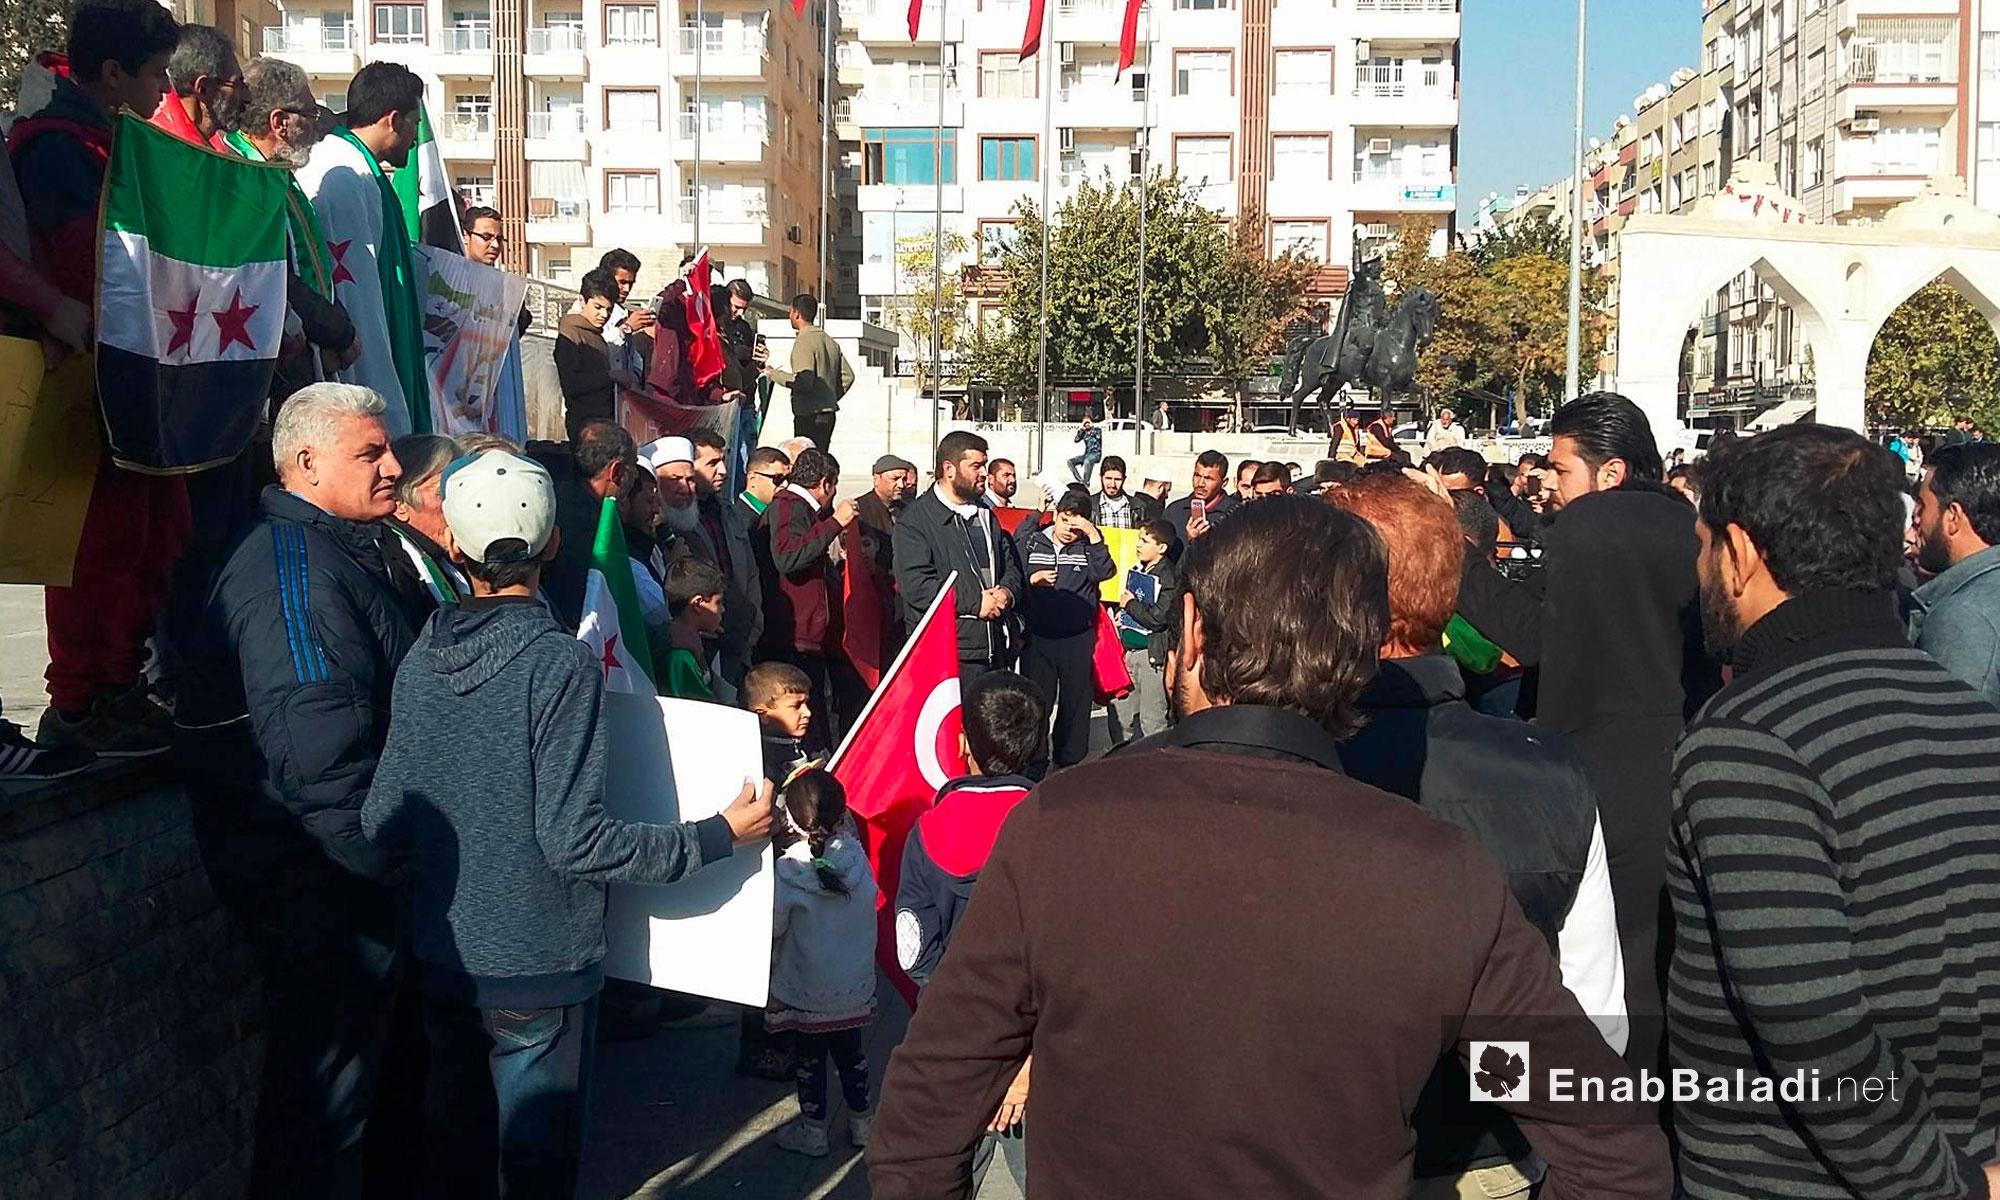 سوريون يتضامنون مع حلب من مدينة أورفة التركية - 25 تشرين الثاني 2016 (عنب بلدي)